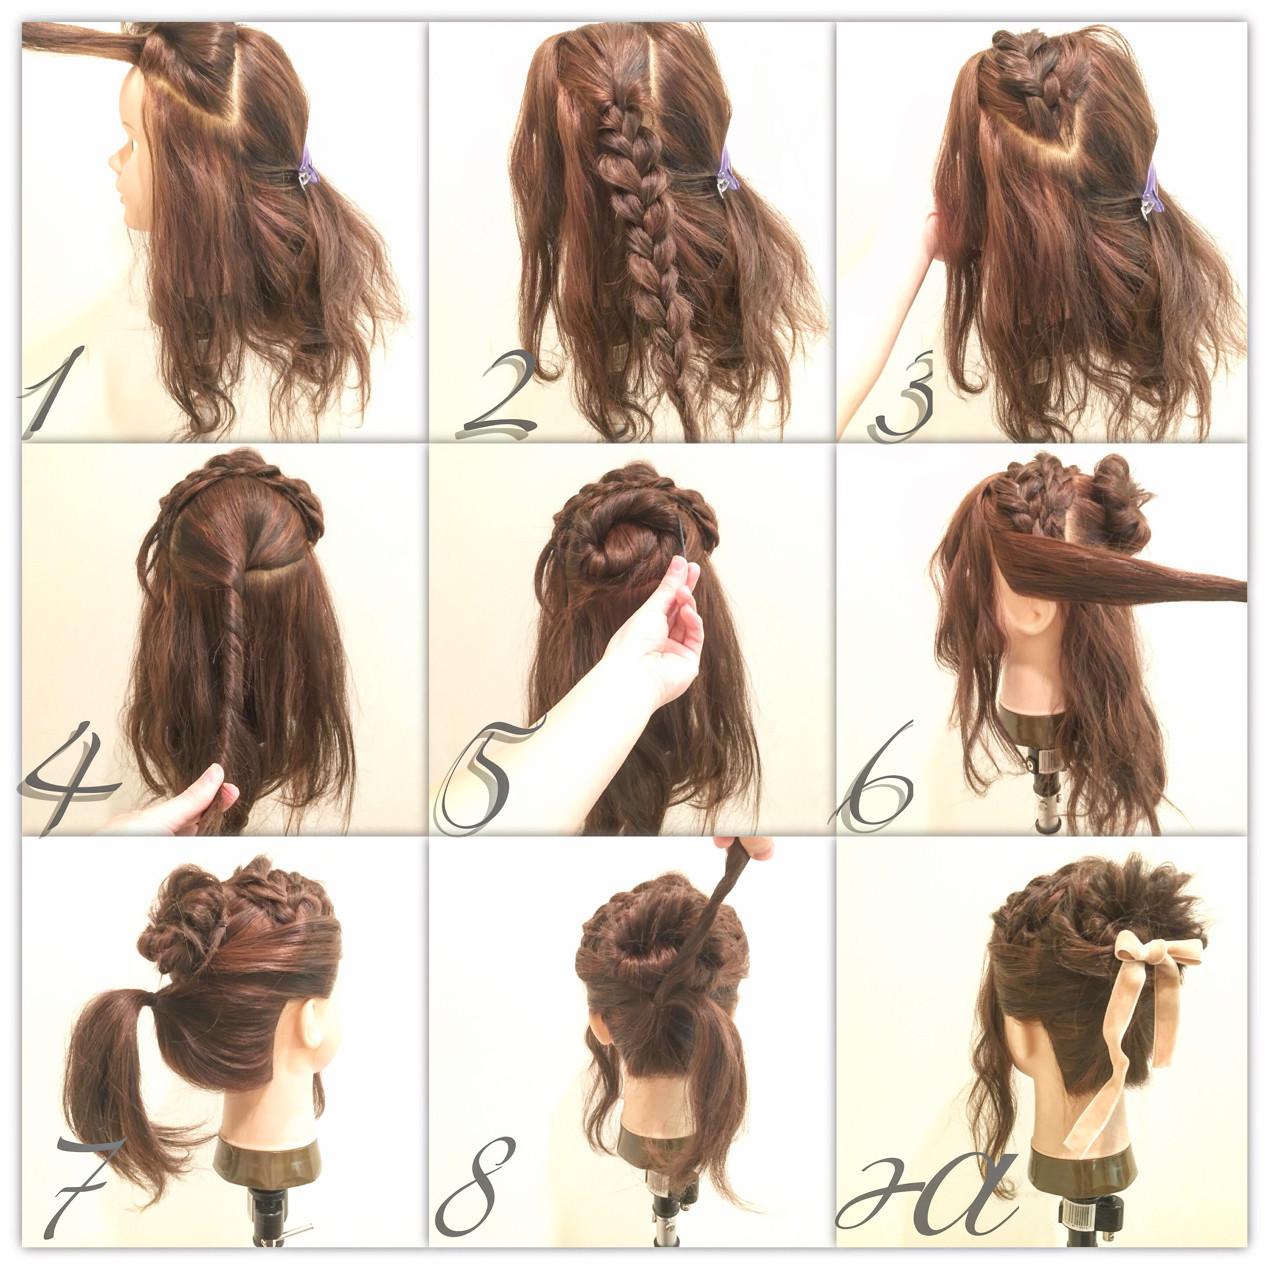 【簡単】可愛さ無限大な三つ編みヘアアレンジでこなれヘアに♡ 庄司 将之